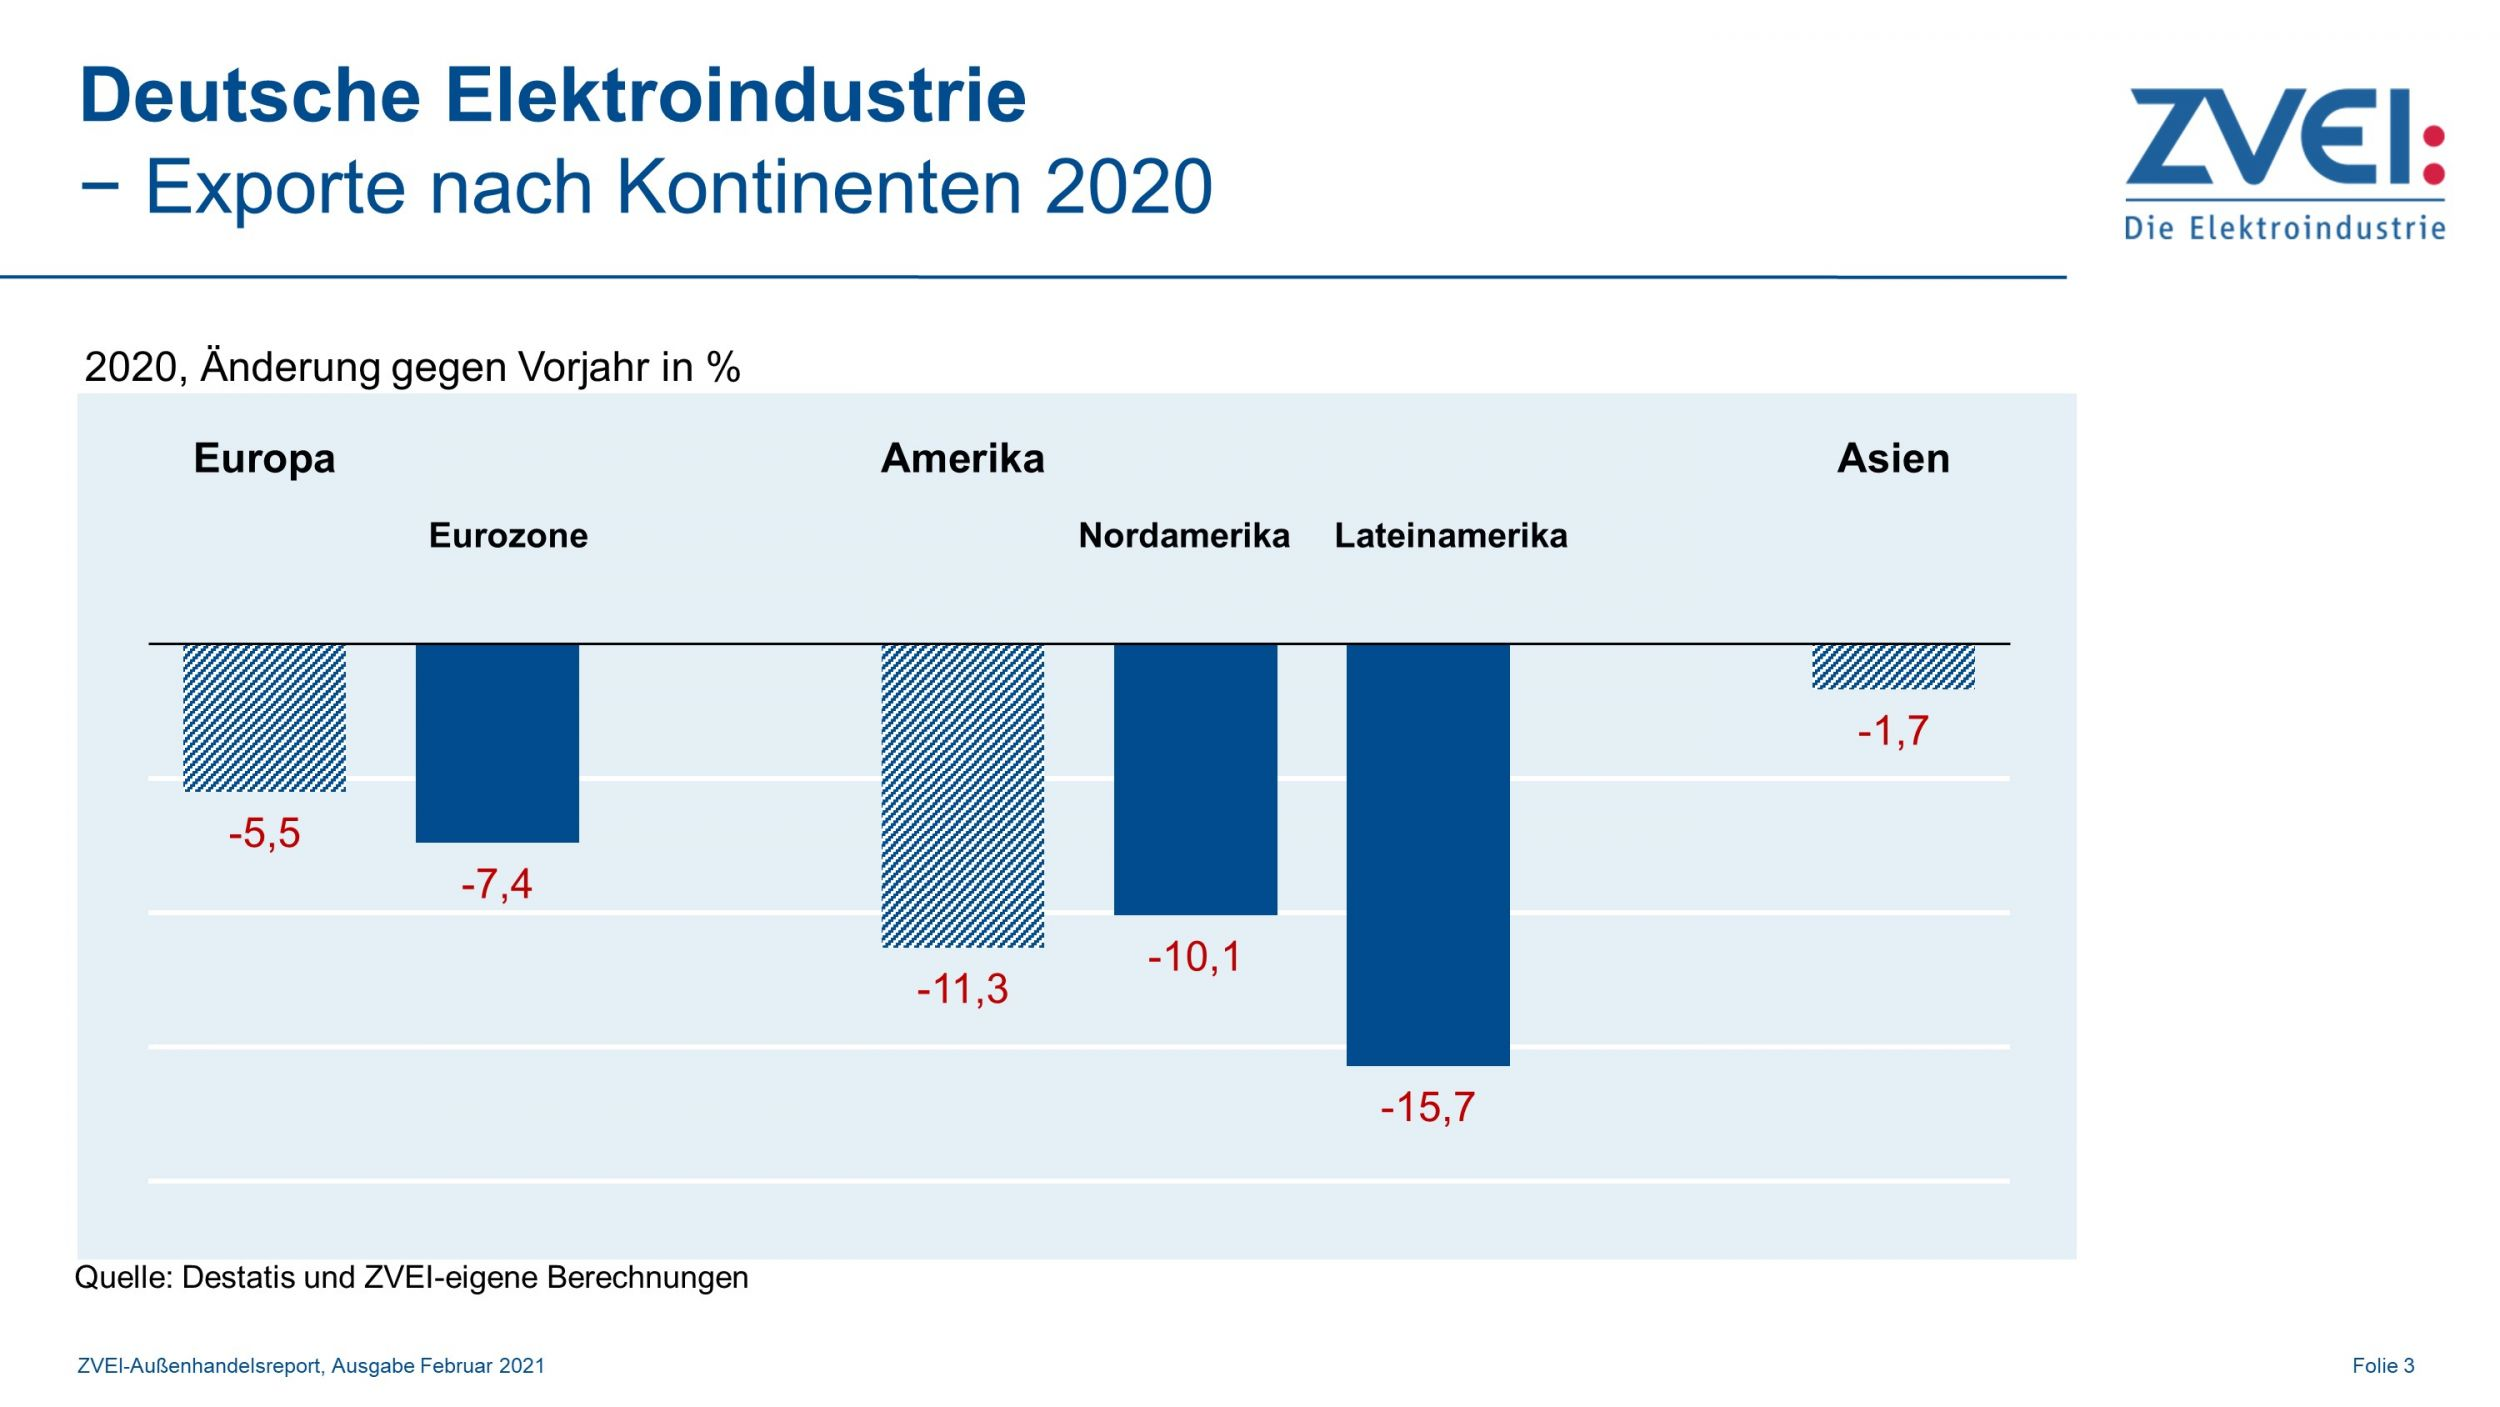 Deutsche Elektroindustrie: Exporte nach Kontinenten 2020